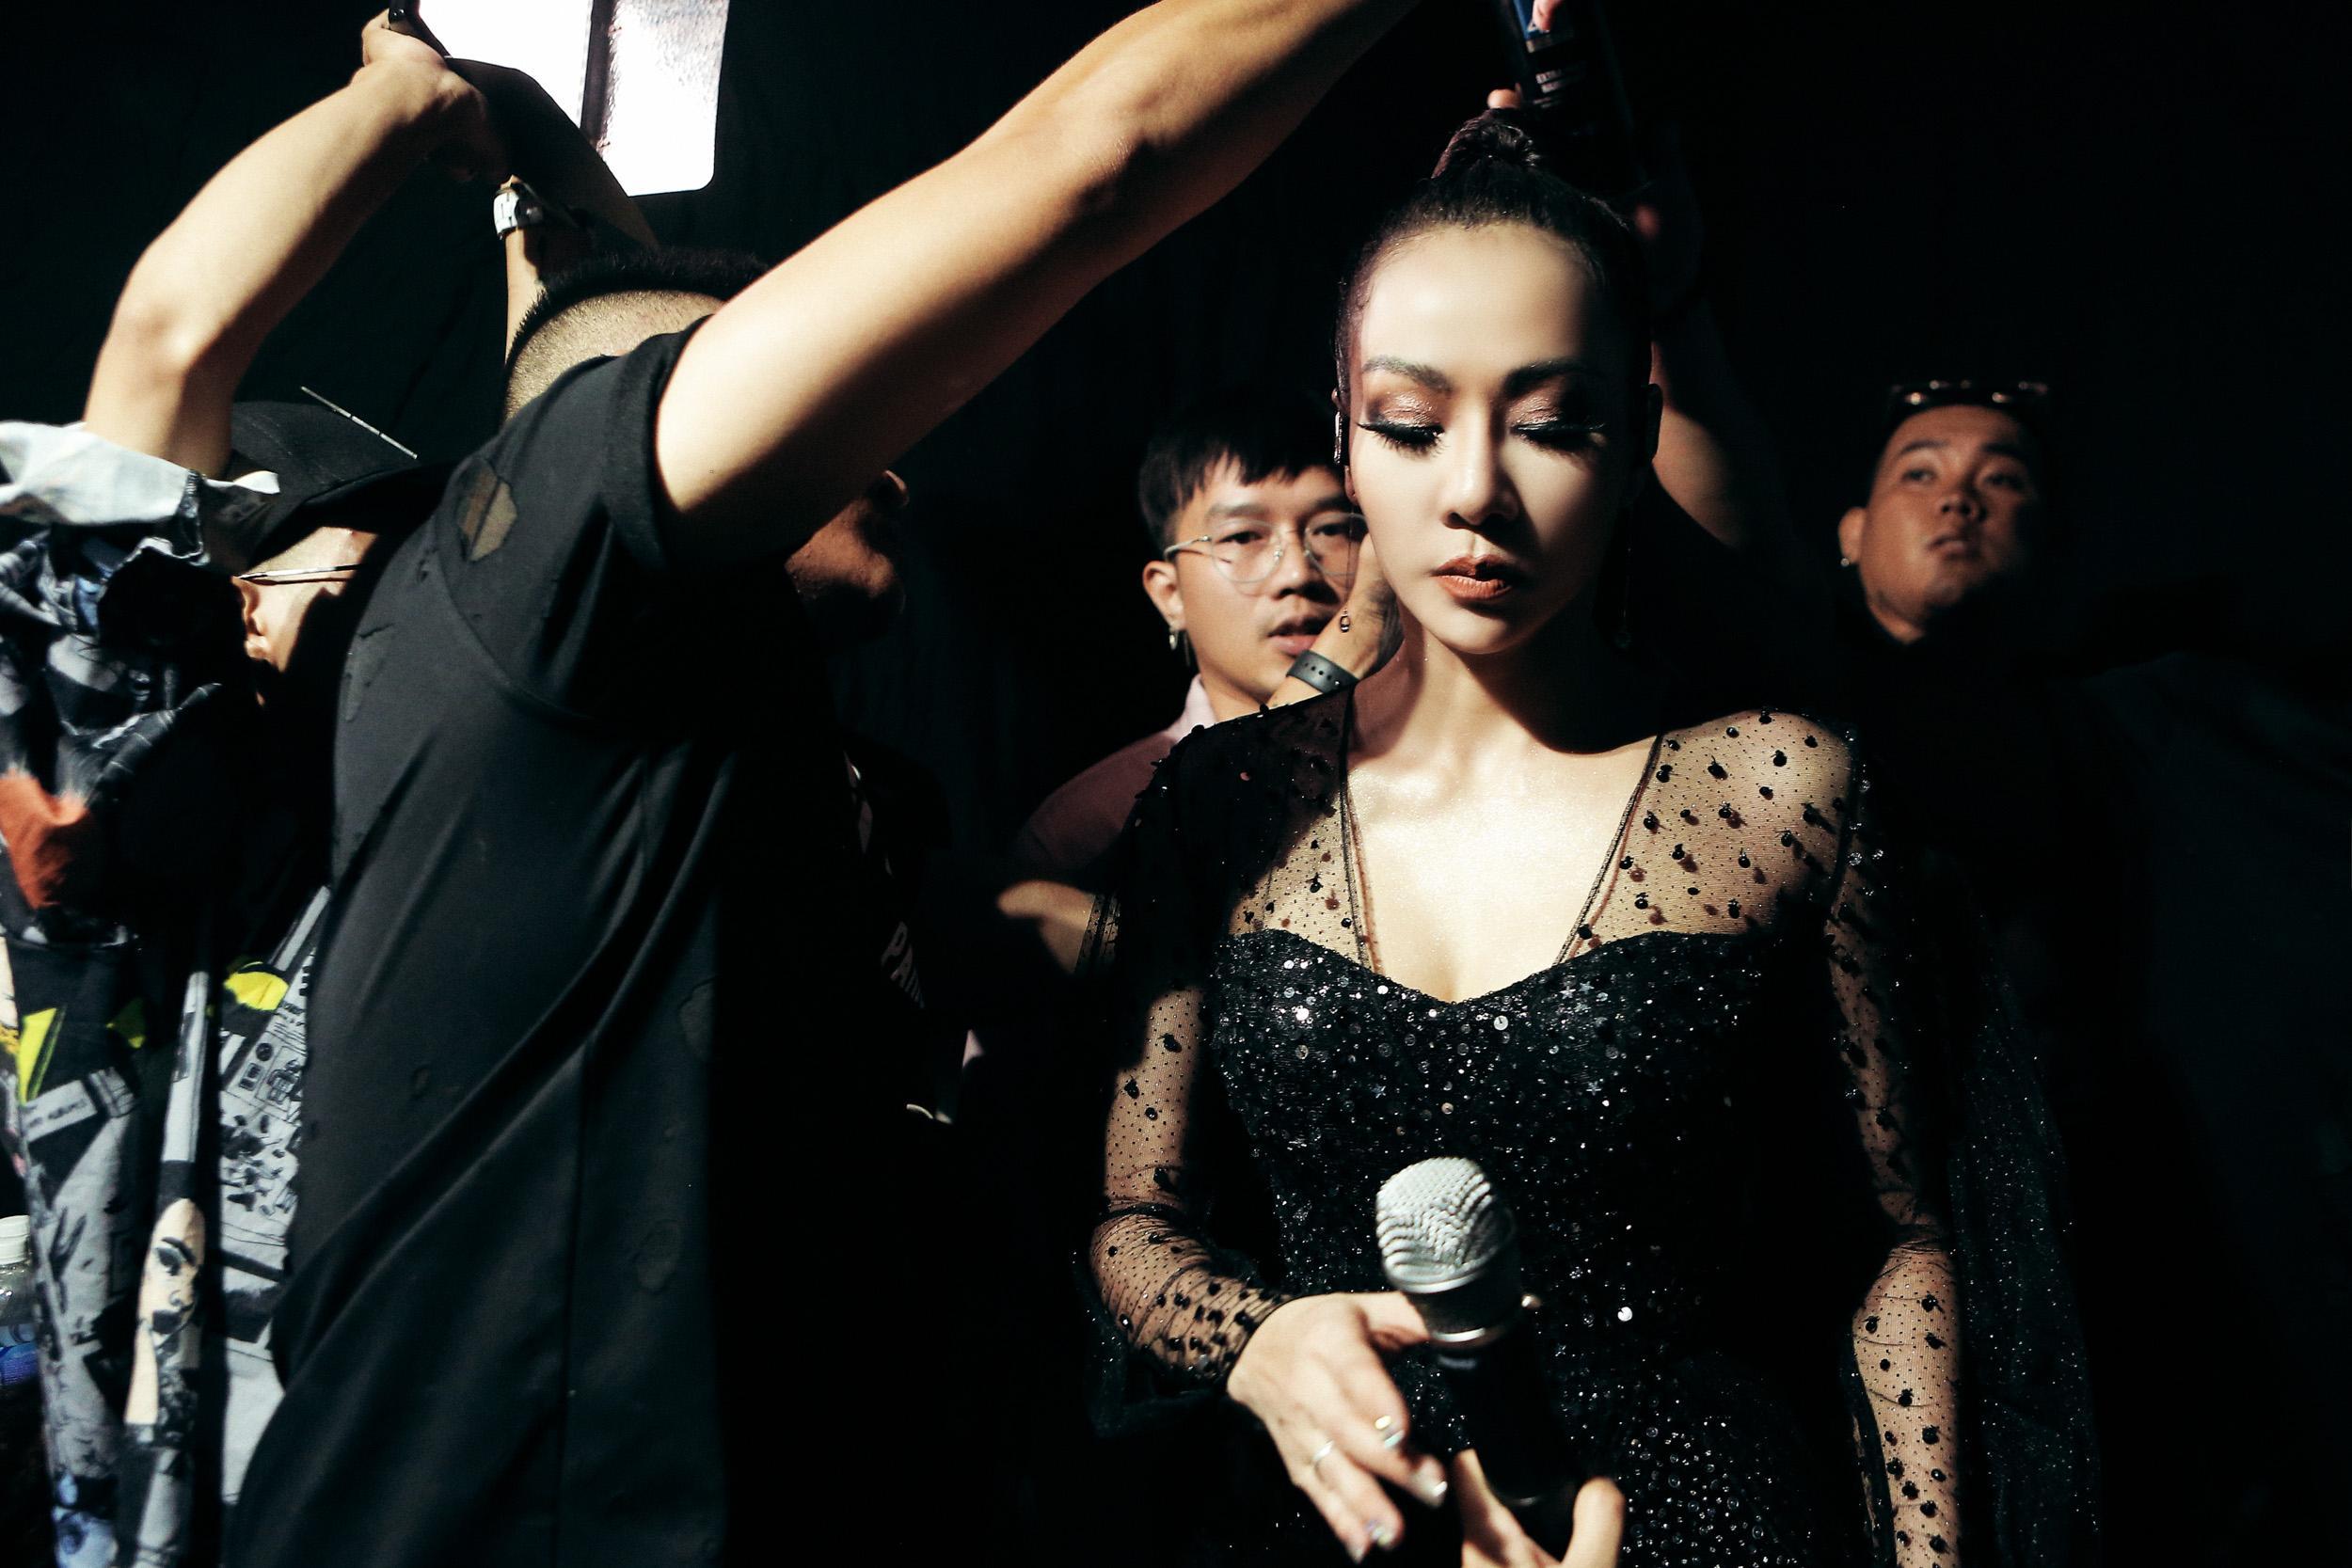 Bí ẩn các thiết kế lấp lánh của ca sĩ Thu Minh trong 'I AM DIVA' Ảnh 5